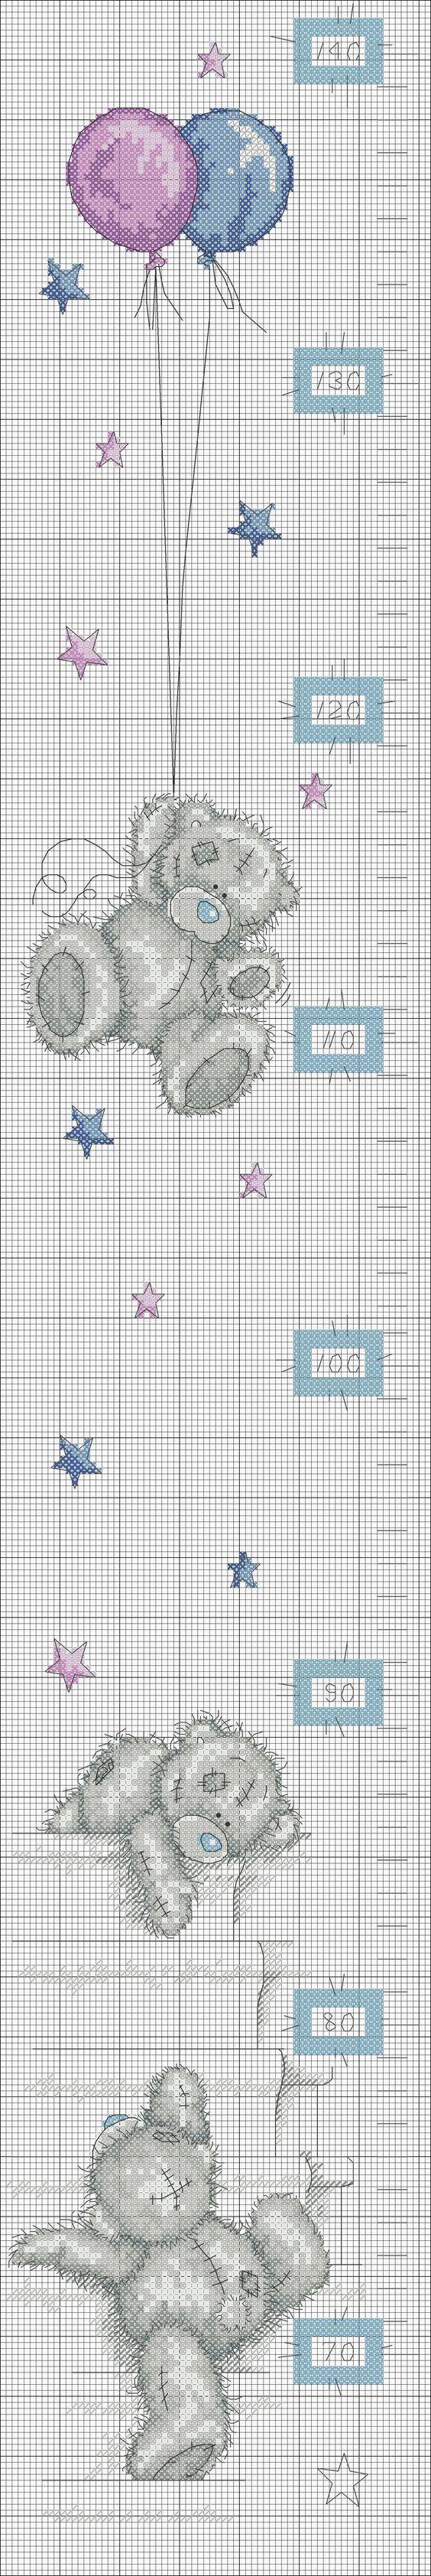 Etamin Tablo Şemaları ,  #Crossstitch #etaminişlemeörnekleri #etaminpanomodelleri #etaminşablonörnekleri #etamintabloörnekleri #kanaviçepanomodelleri #pontocruz , Doğum panolarında ve diğer pano modellerinde kullanabileceğiniz çok güzel etamin işleme panolar hazırladık. Şablonları inceleyerek kendiniz...